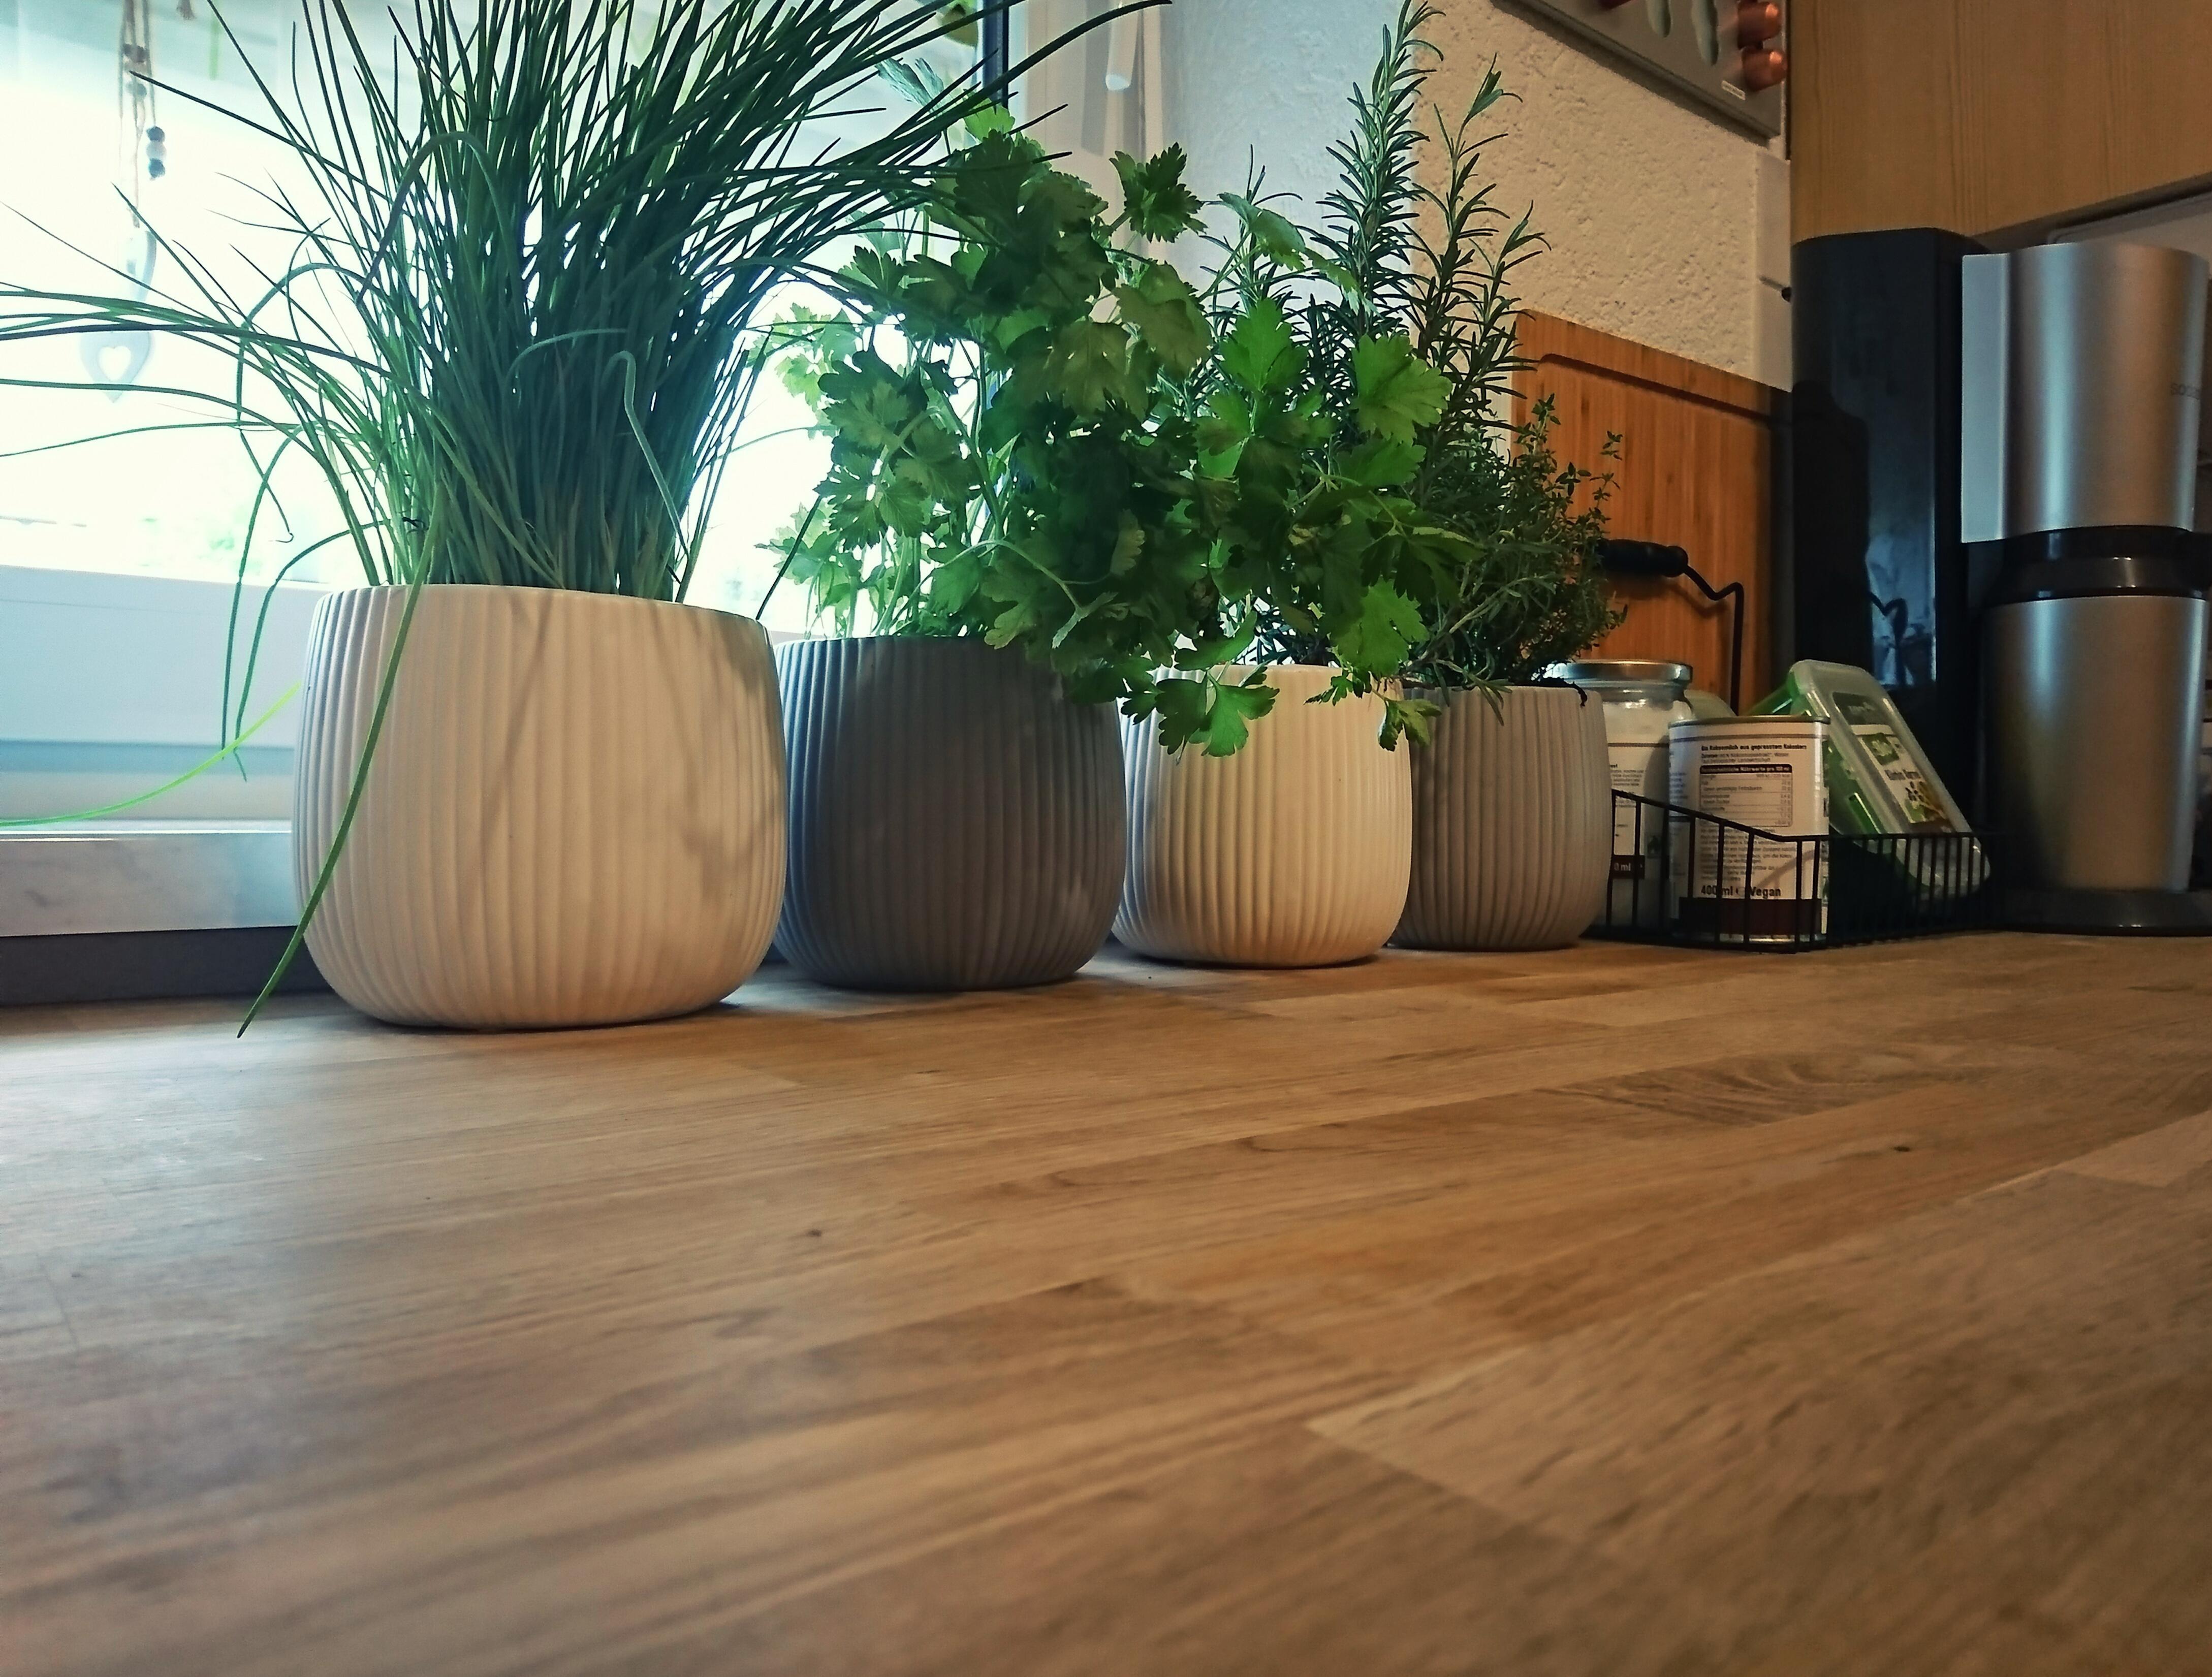 Kleiner Kräutergarten in der Küche #küche #kräuter #...